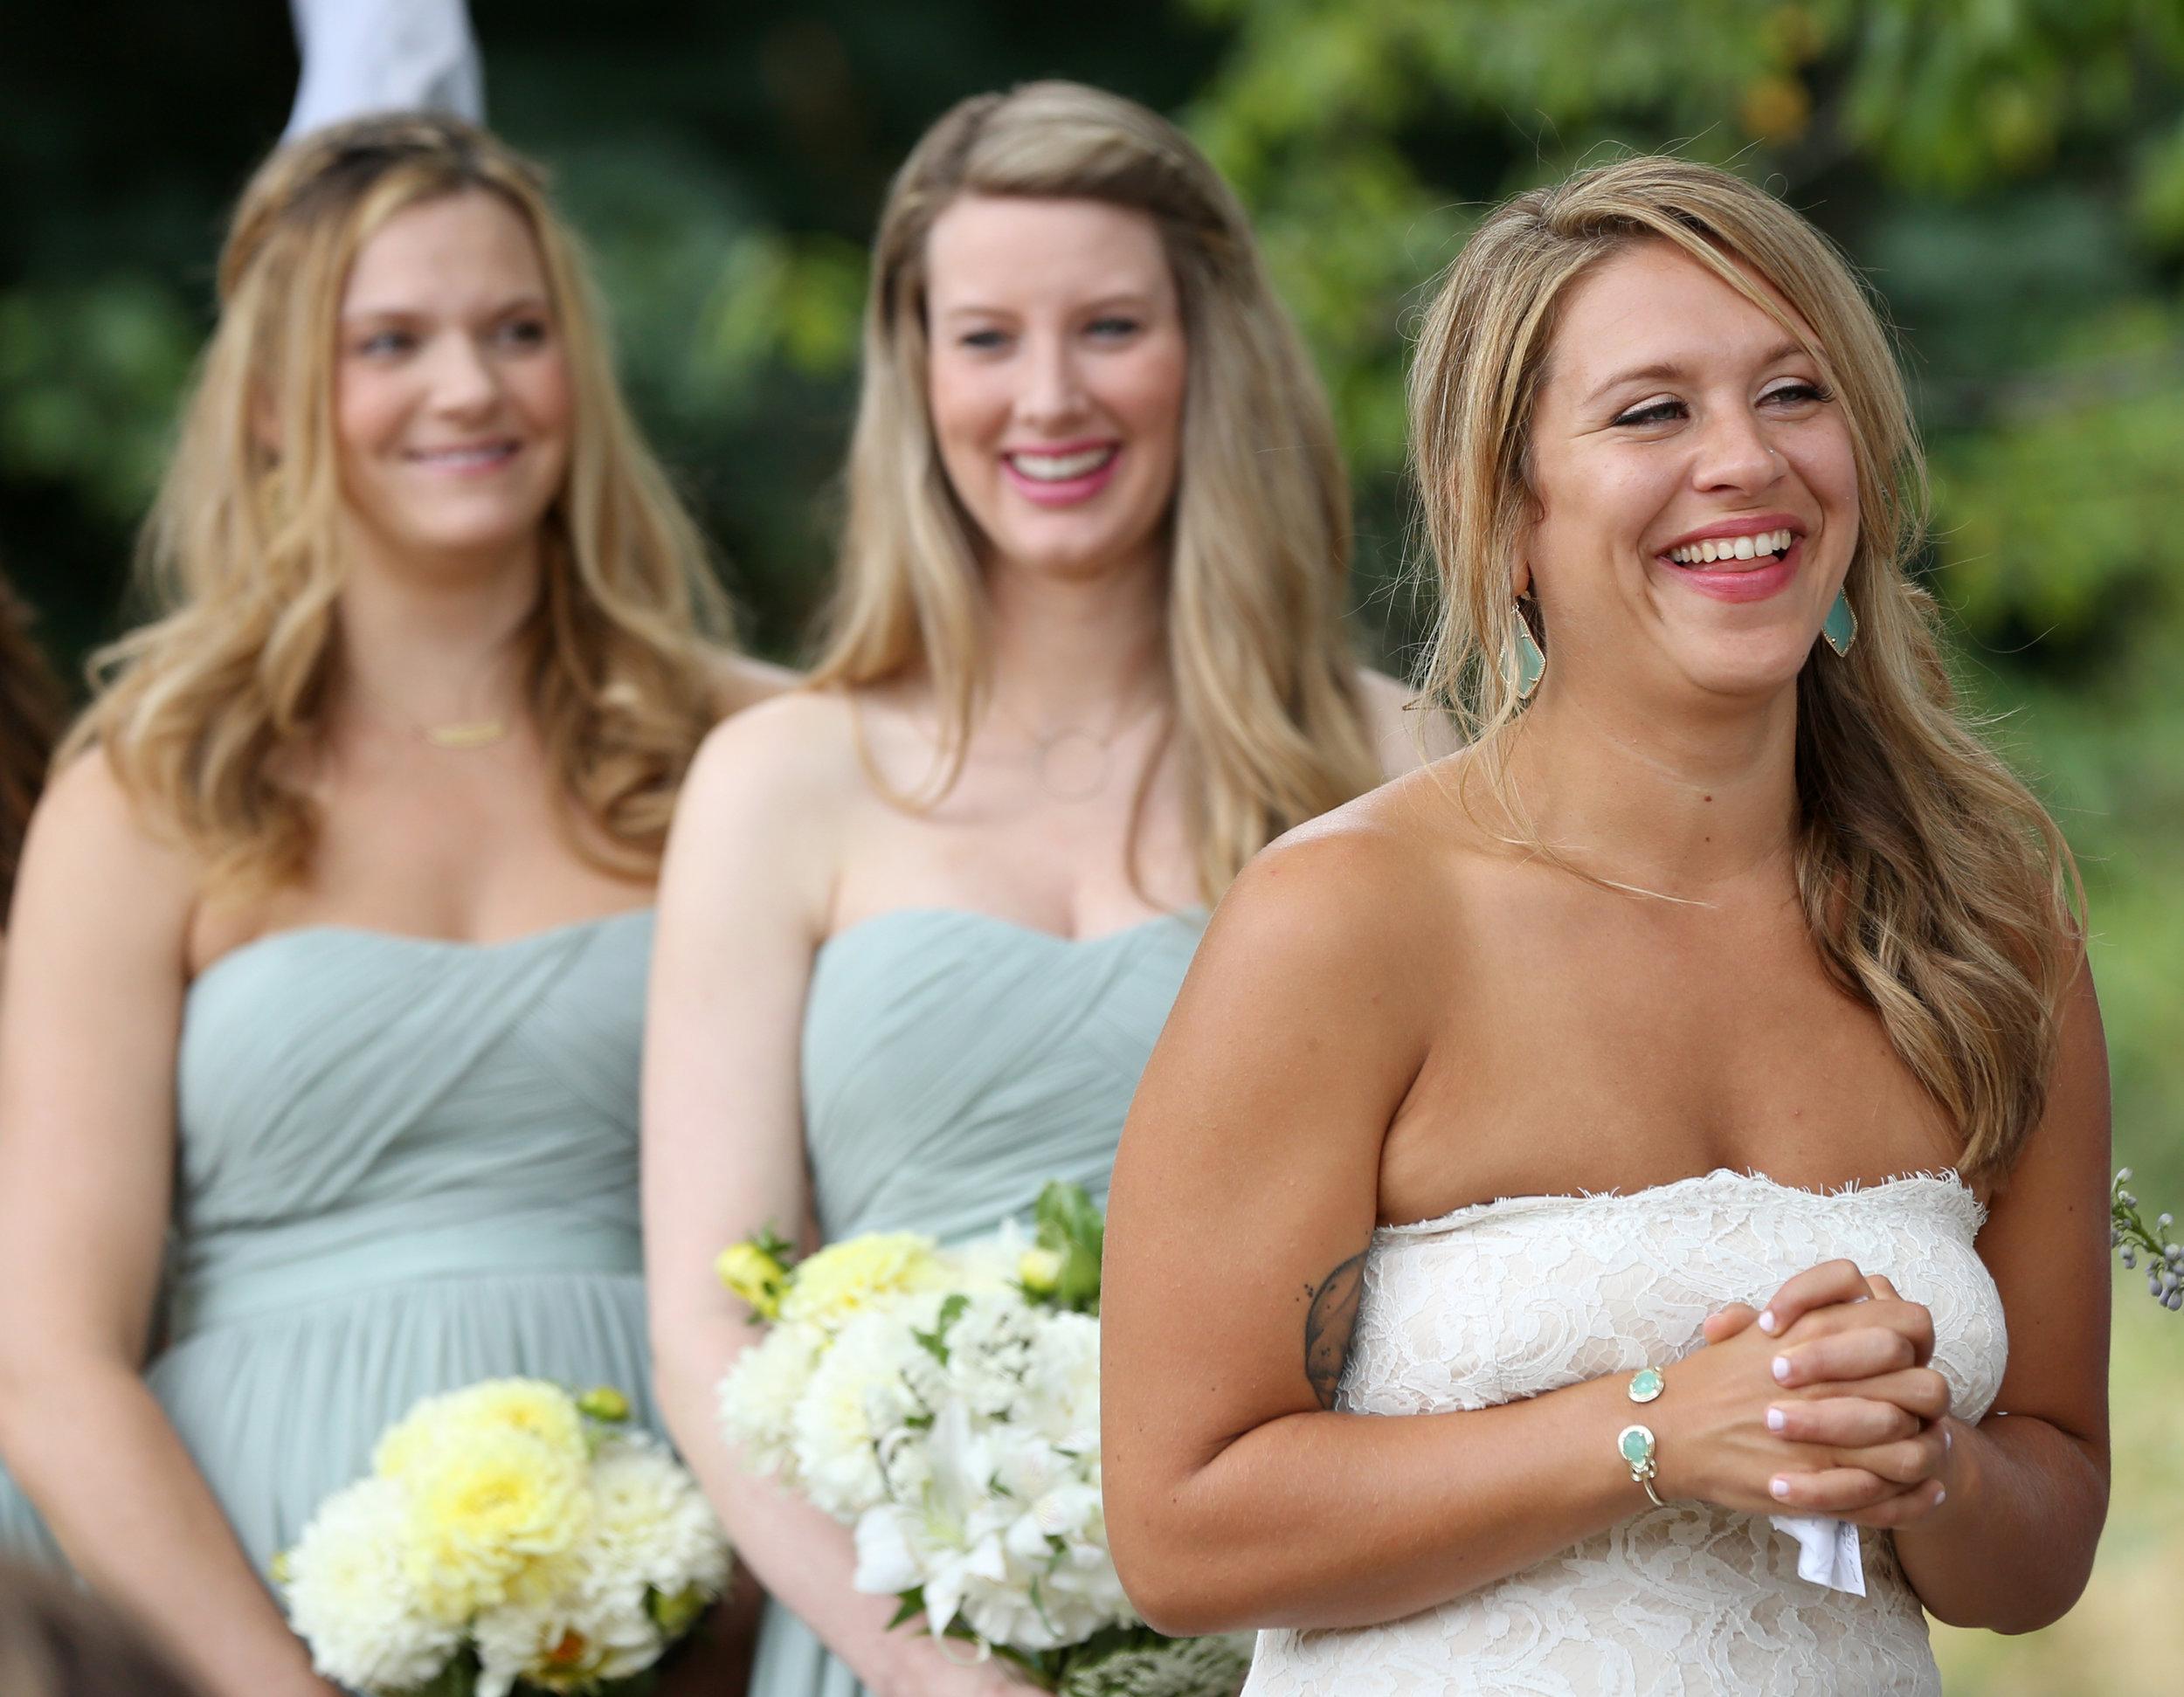 jessie wedding 6.jpg